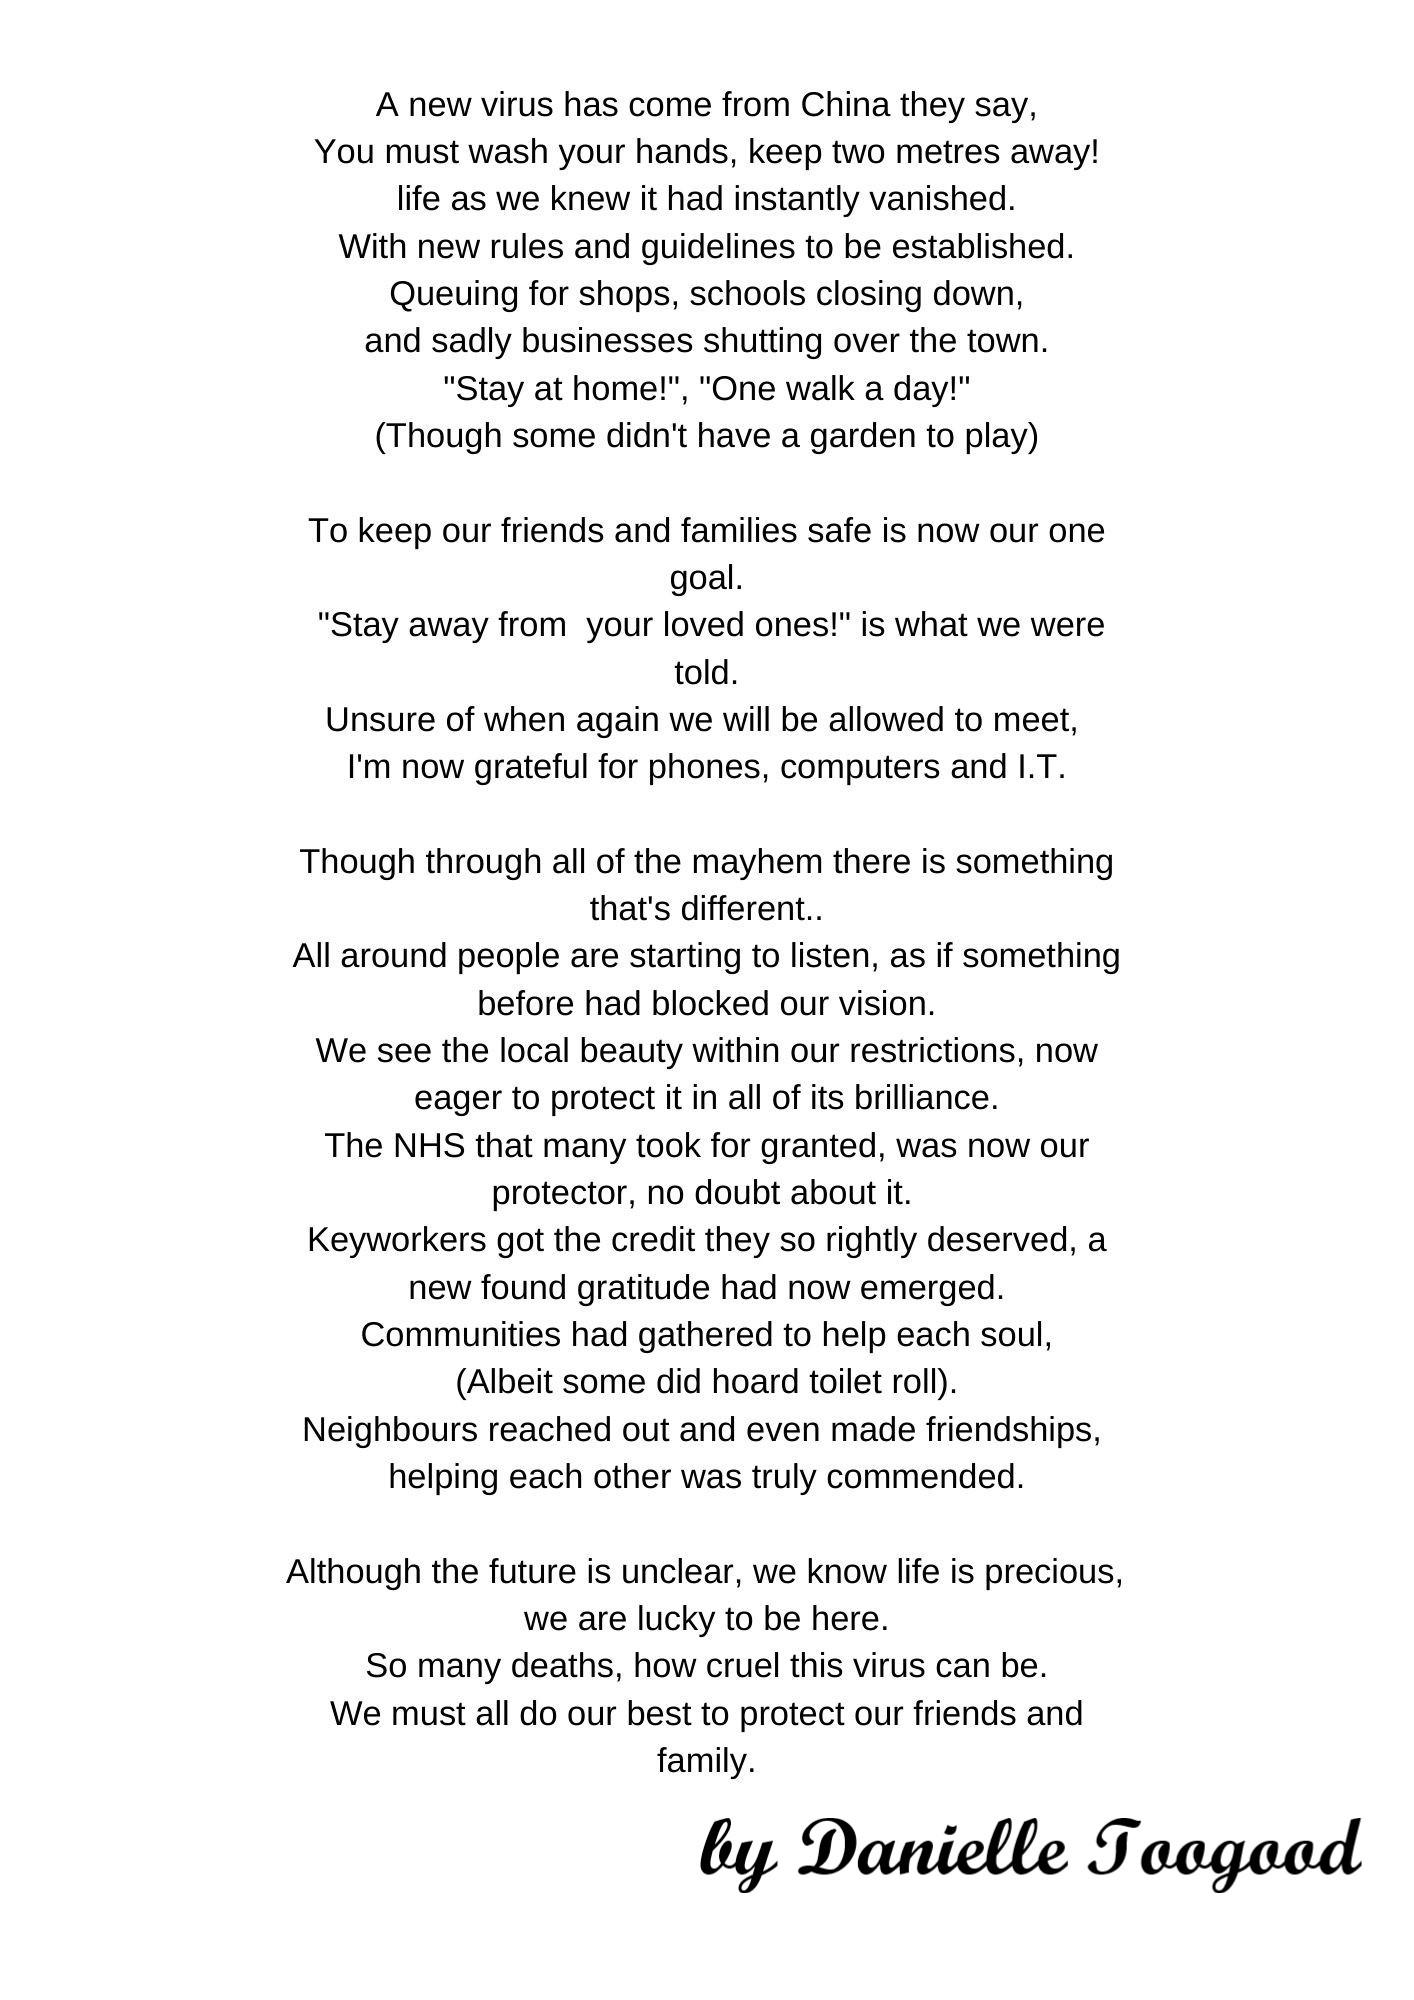 Image of poem as written in description